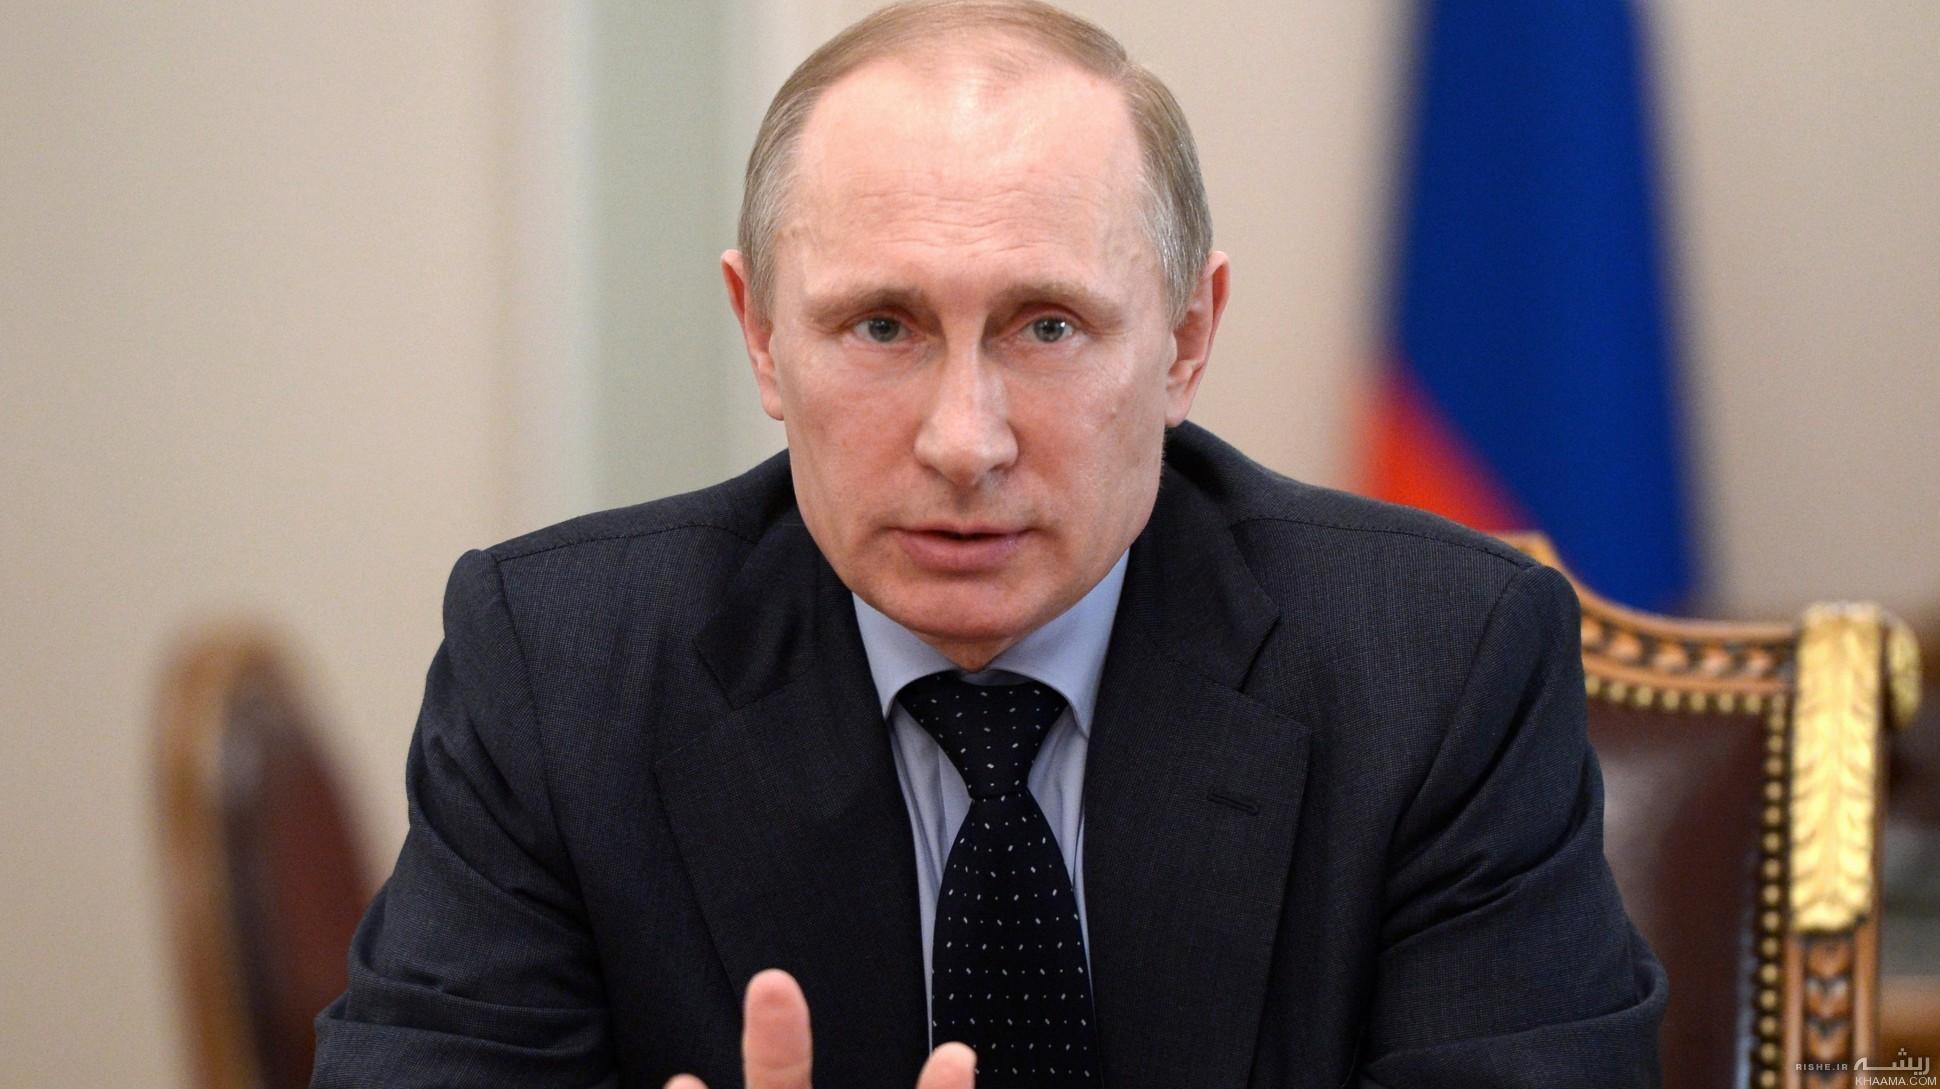 پوتین: نظامیان روس در از بین بردن طرح محاصره تروریستها در سوریه نقش موثری داشتند